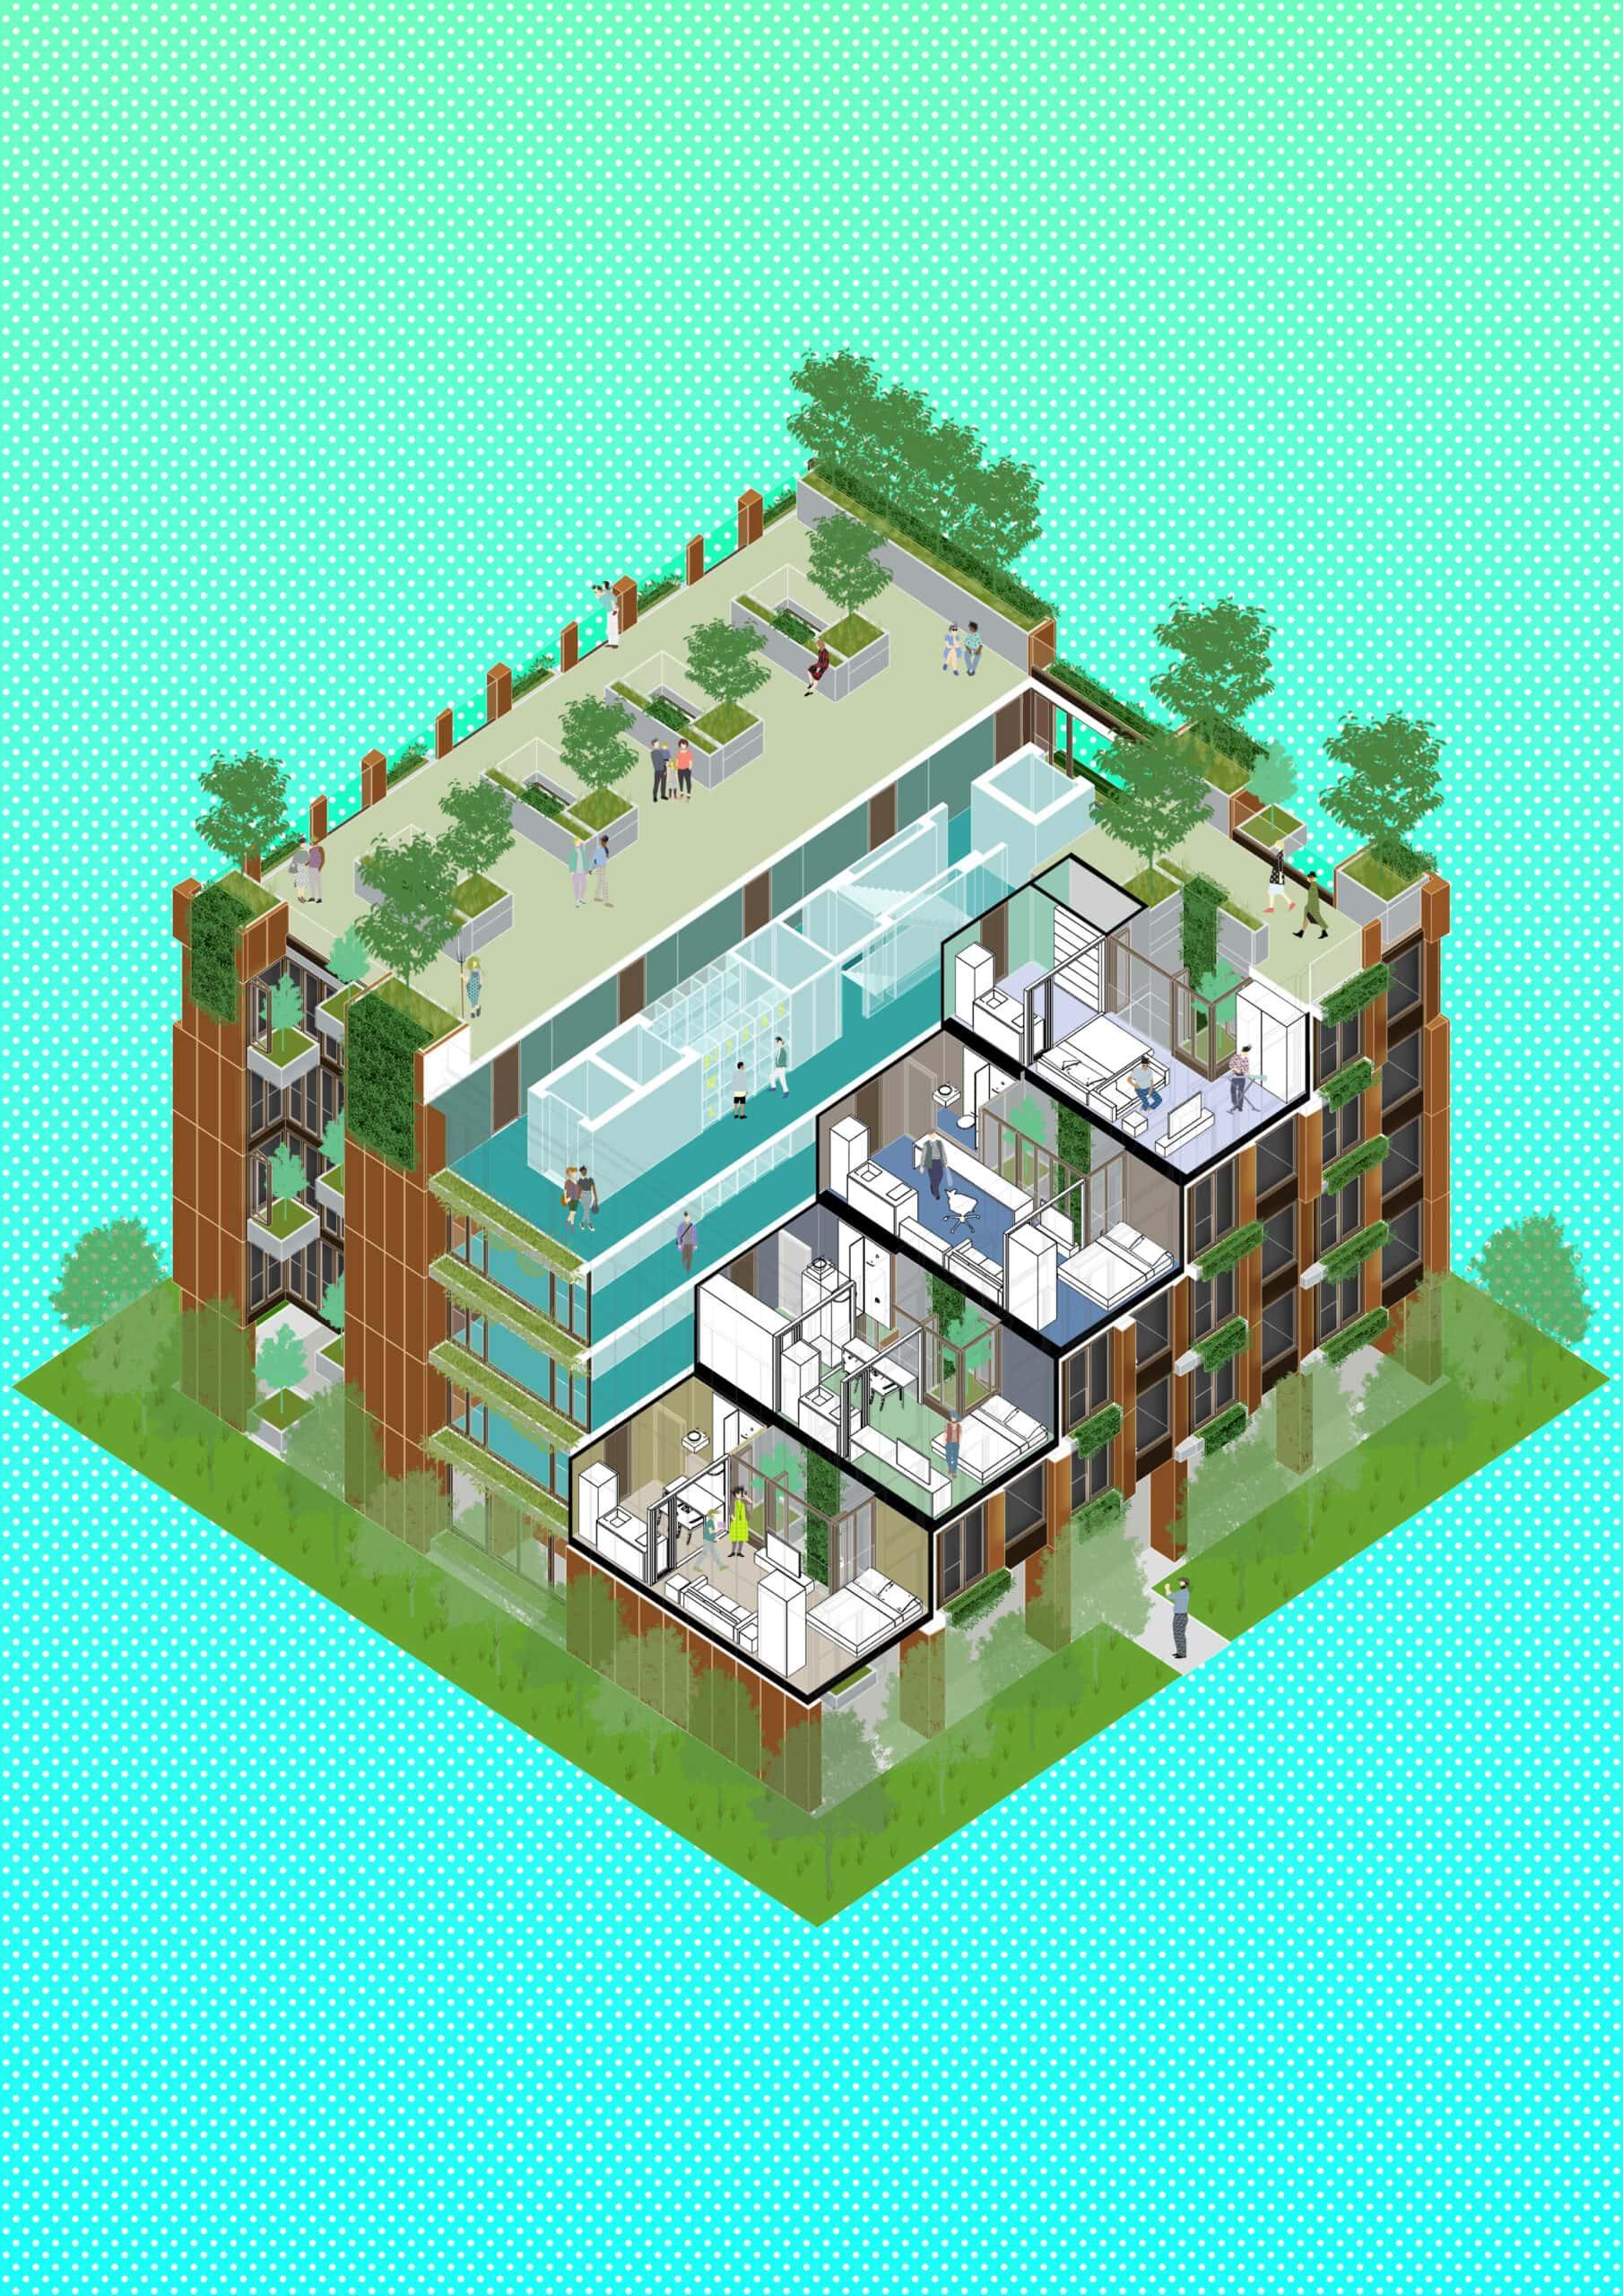 18183_NonA Social Distancing Housing Block_Unit